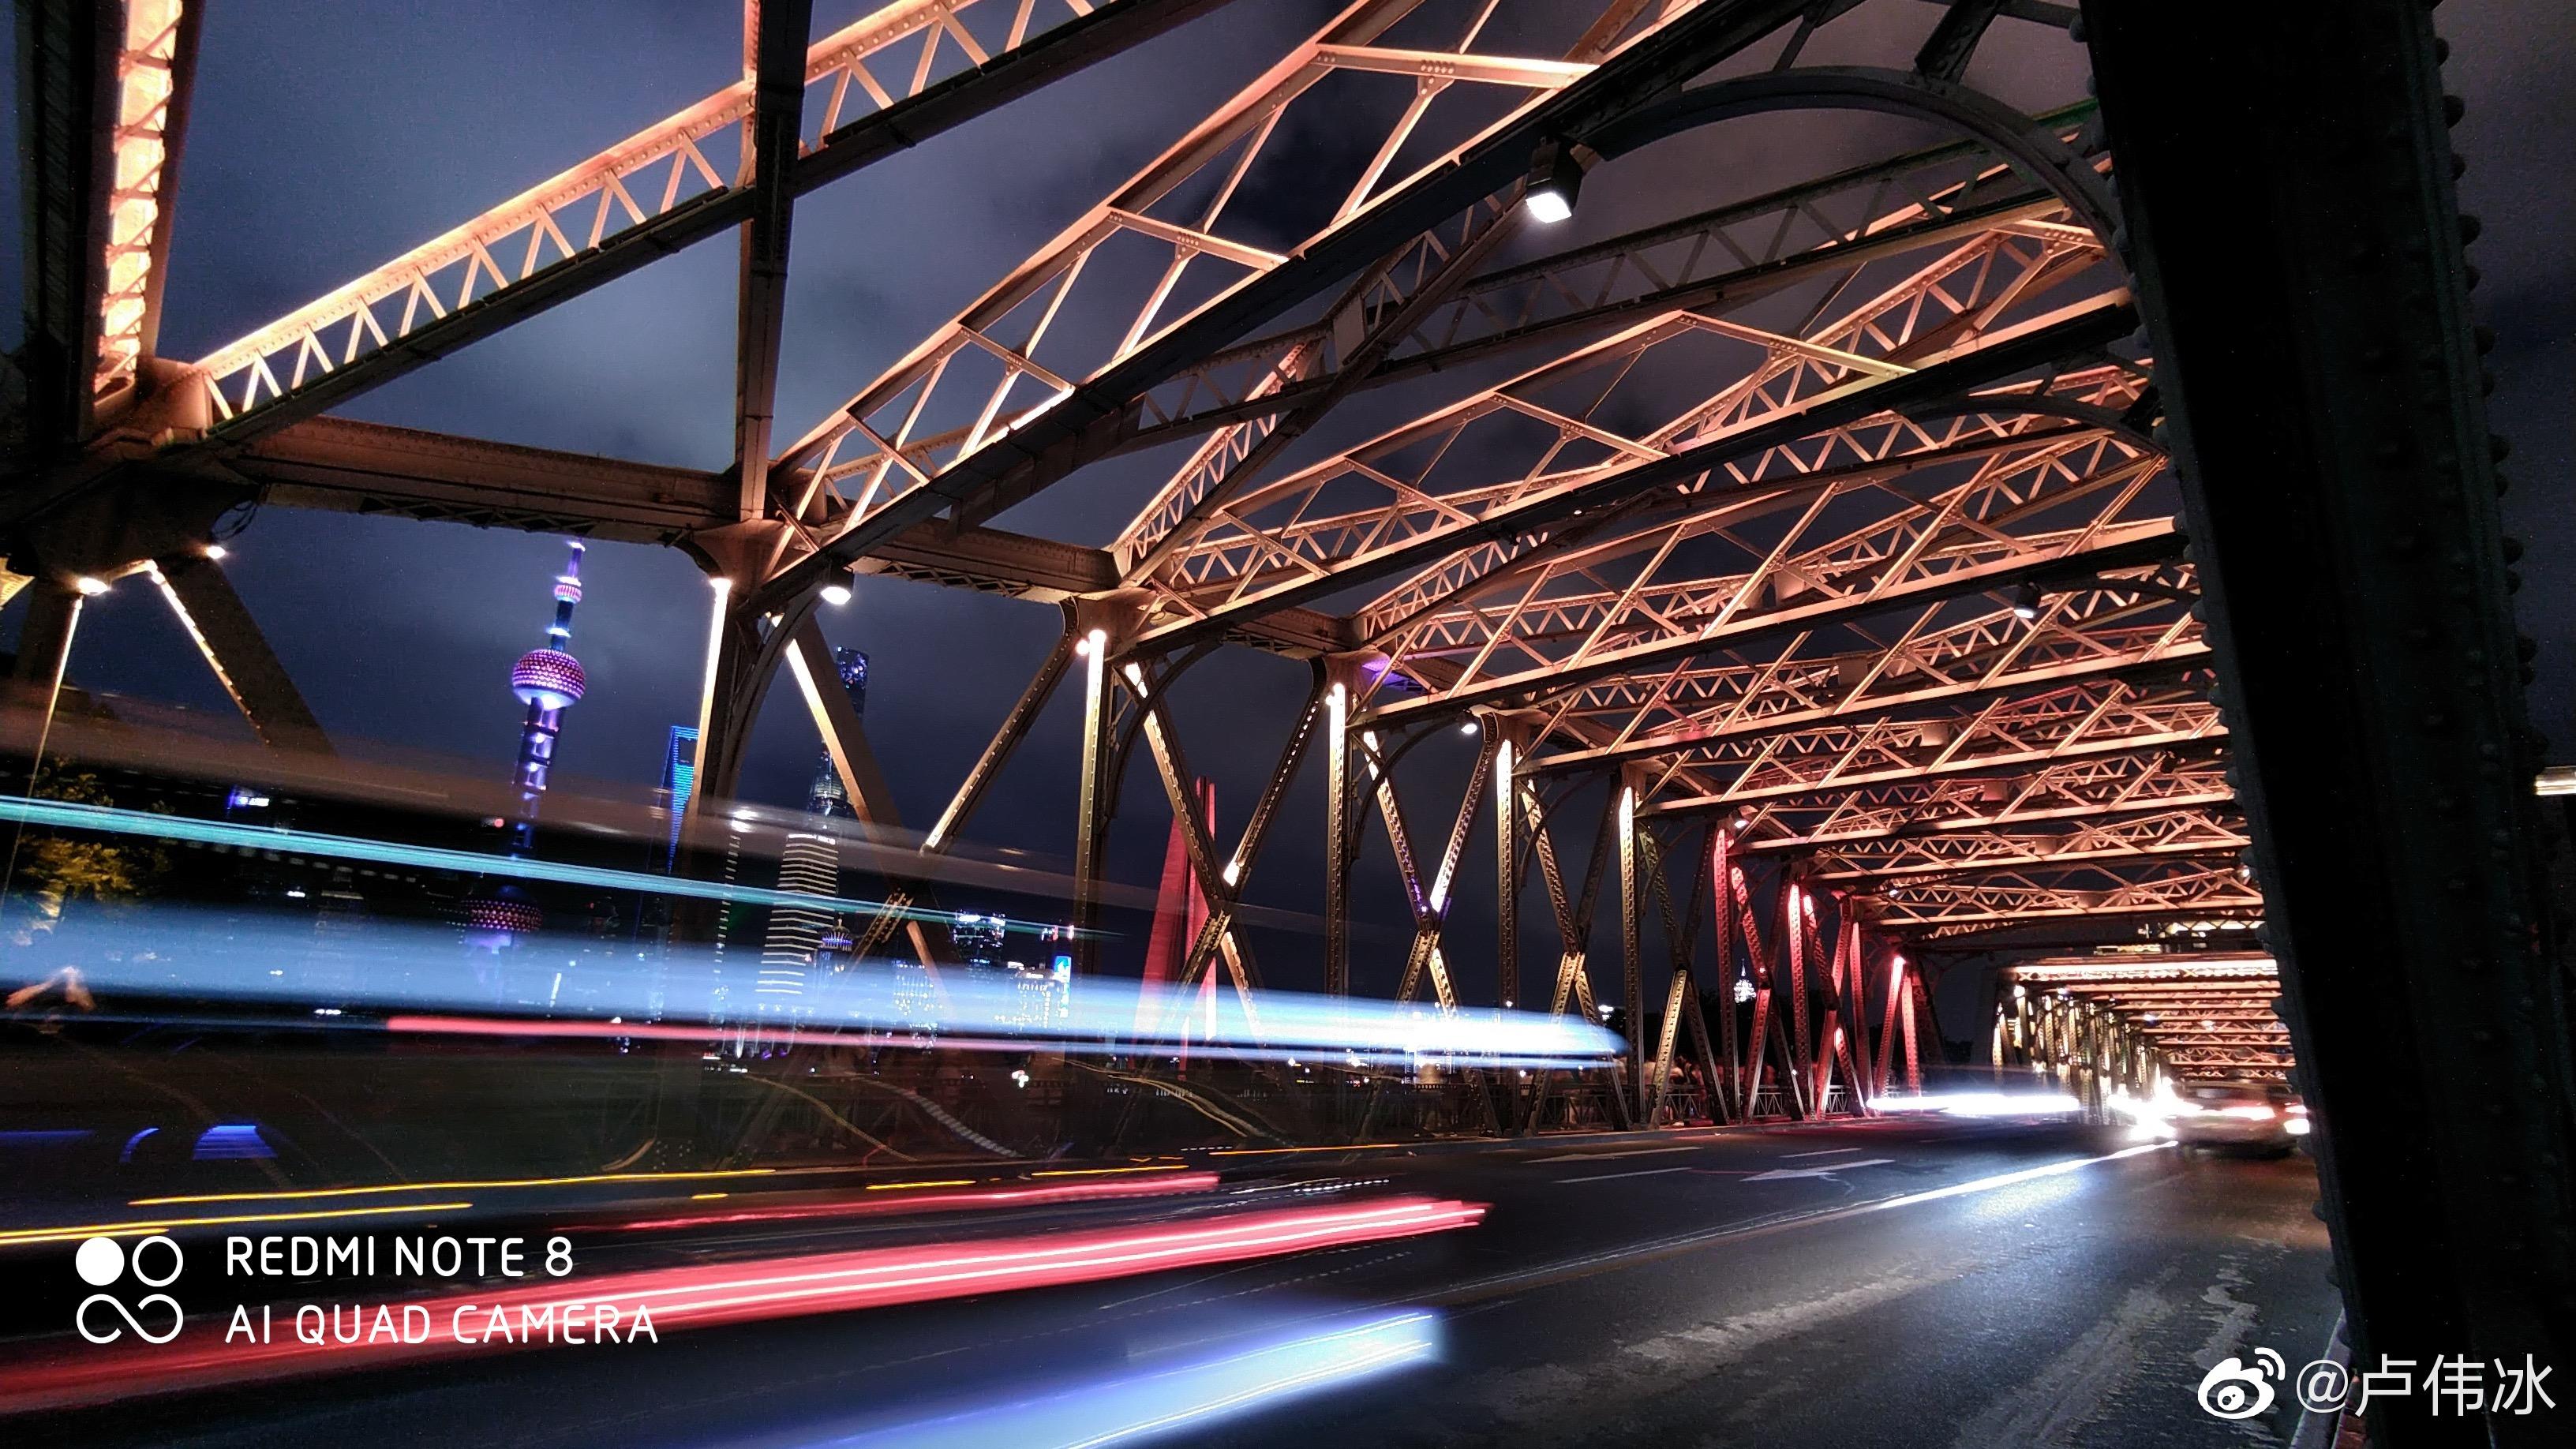 Primeras fotografías nocturnas tomadas desde el Redmi Note 8.